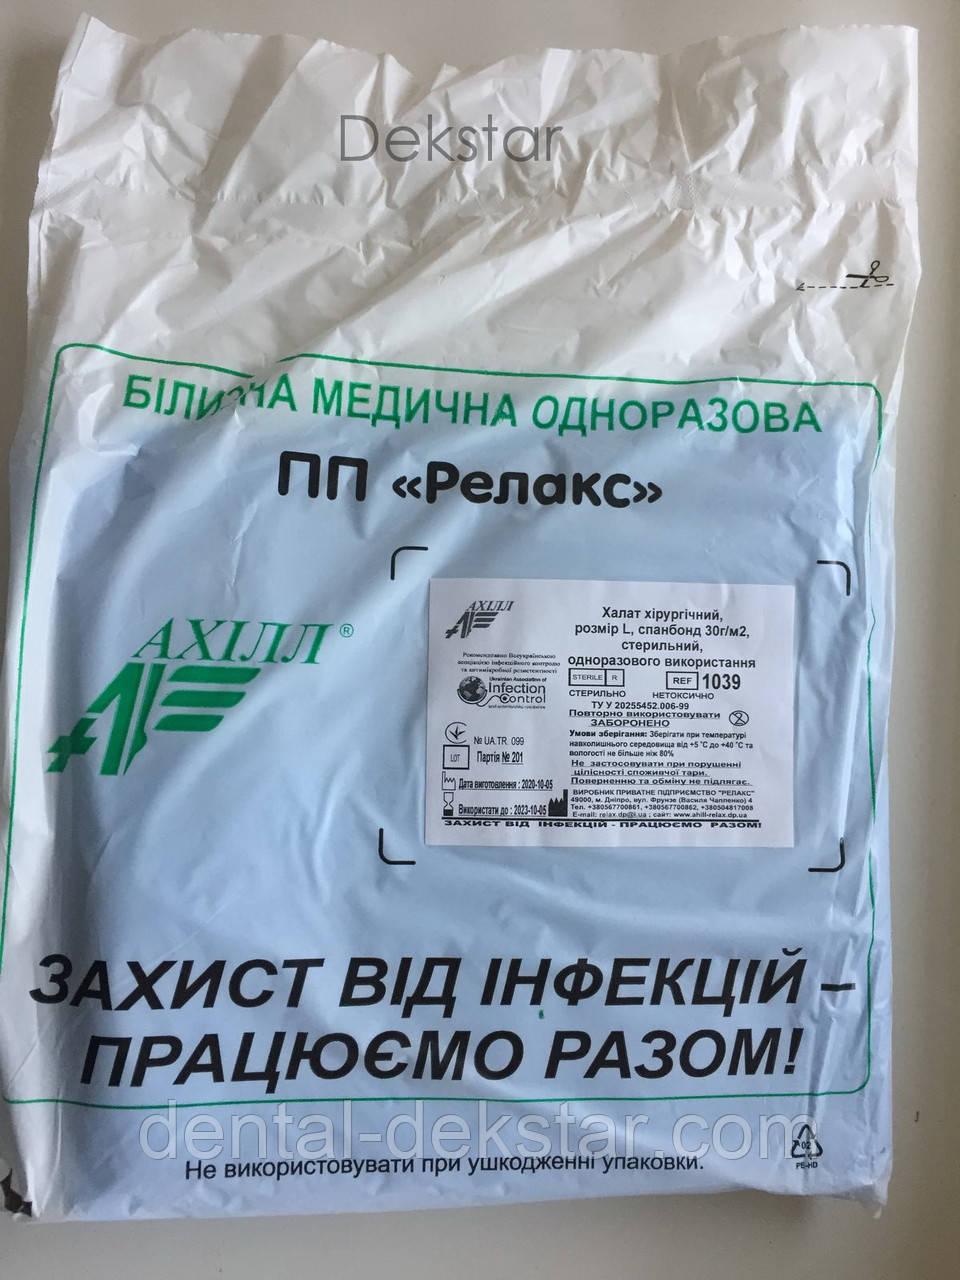 Халат медичний стерильний на зав. однор. 130см